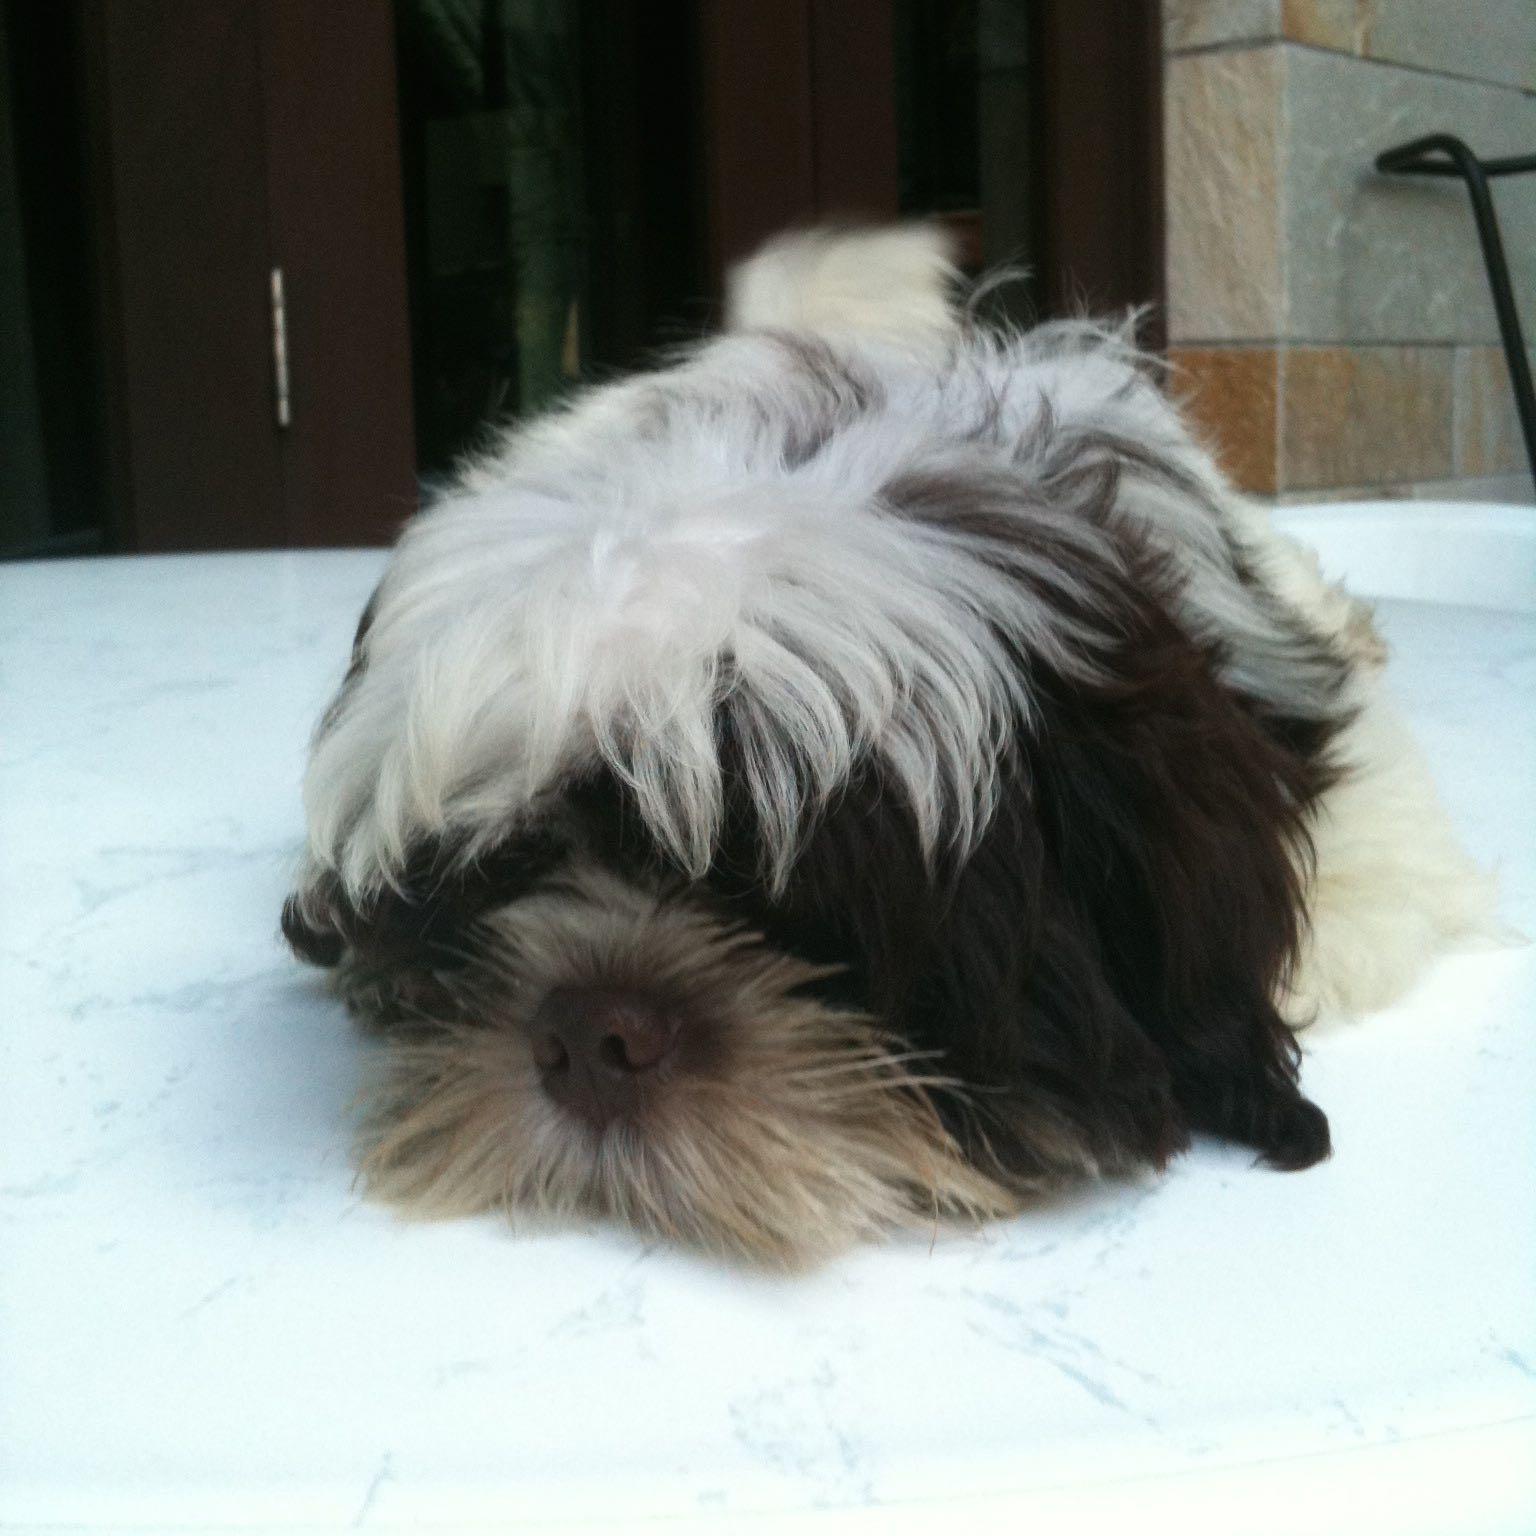 guaiguaithedog